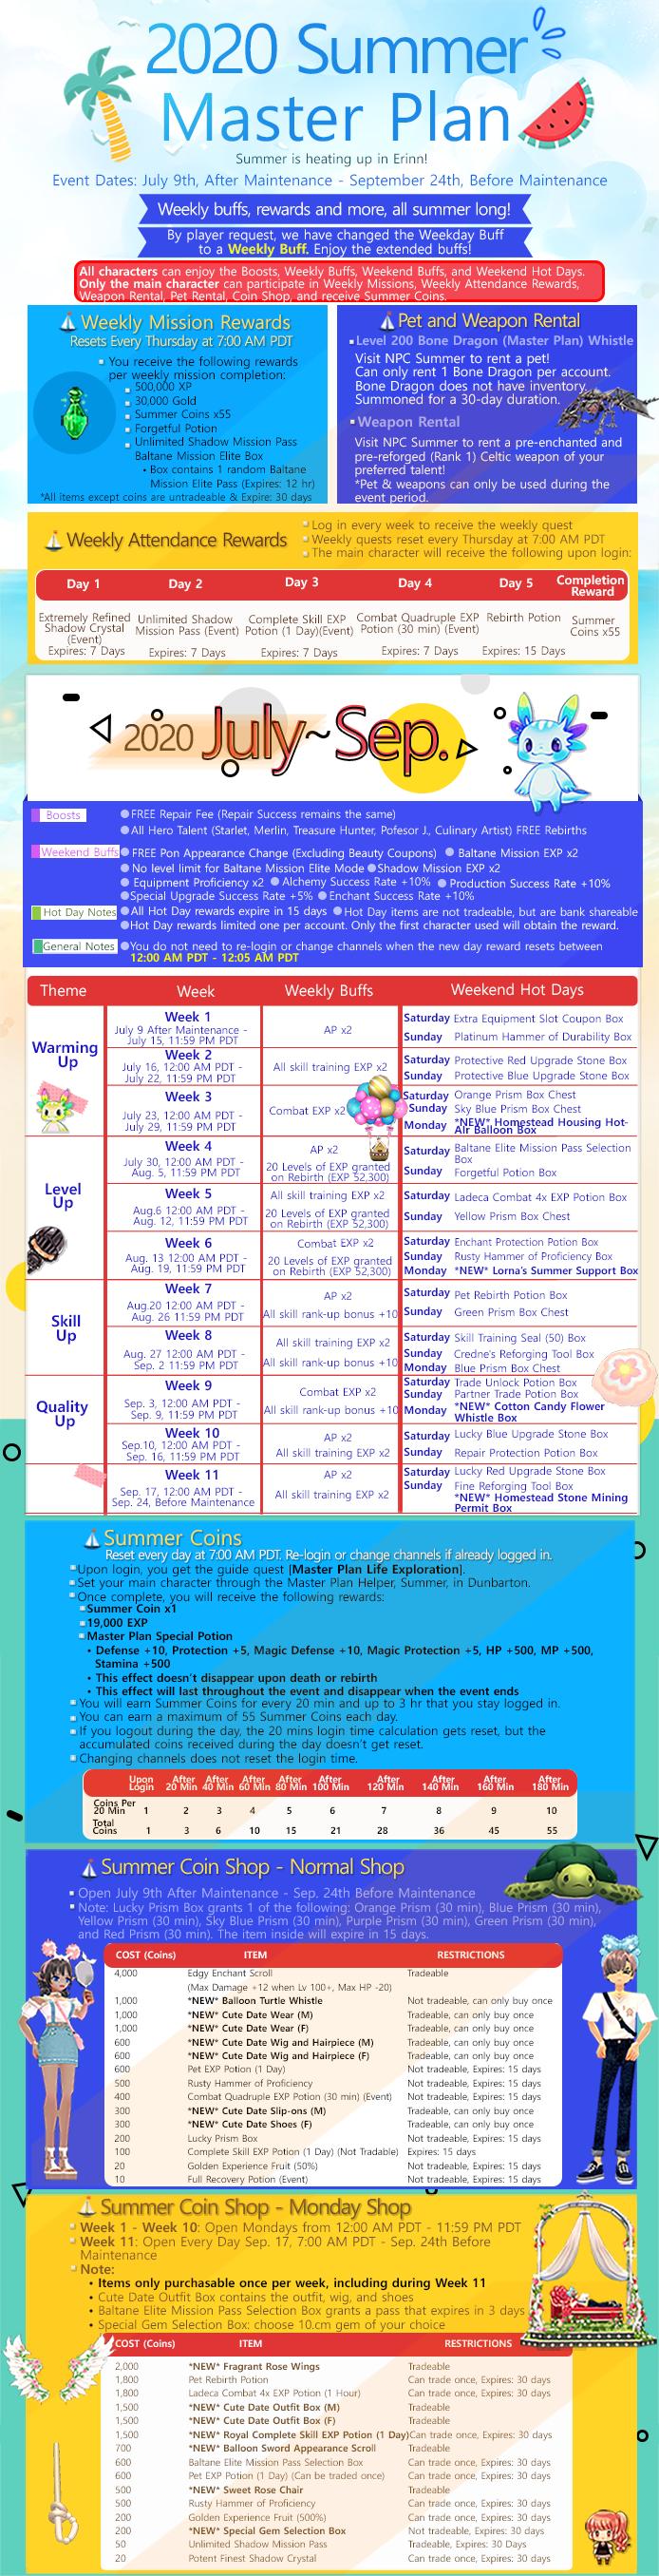 mabinogi-summer-2020-master-plan-updated.png